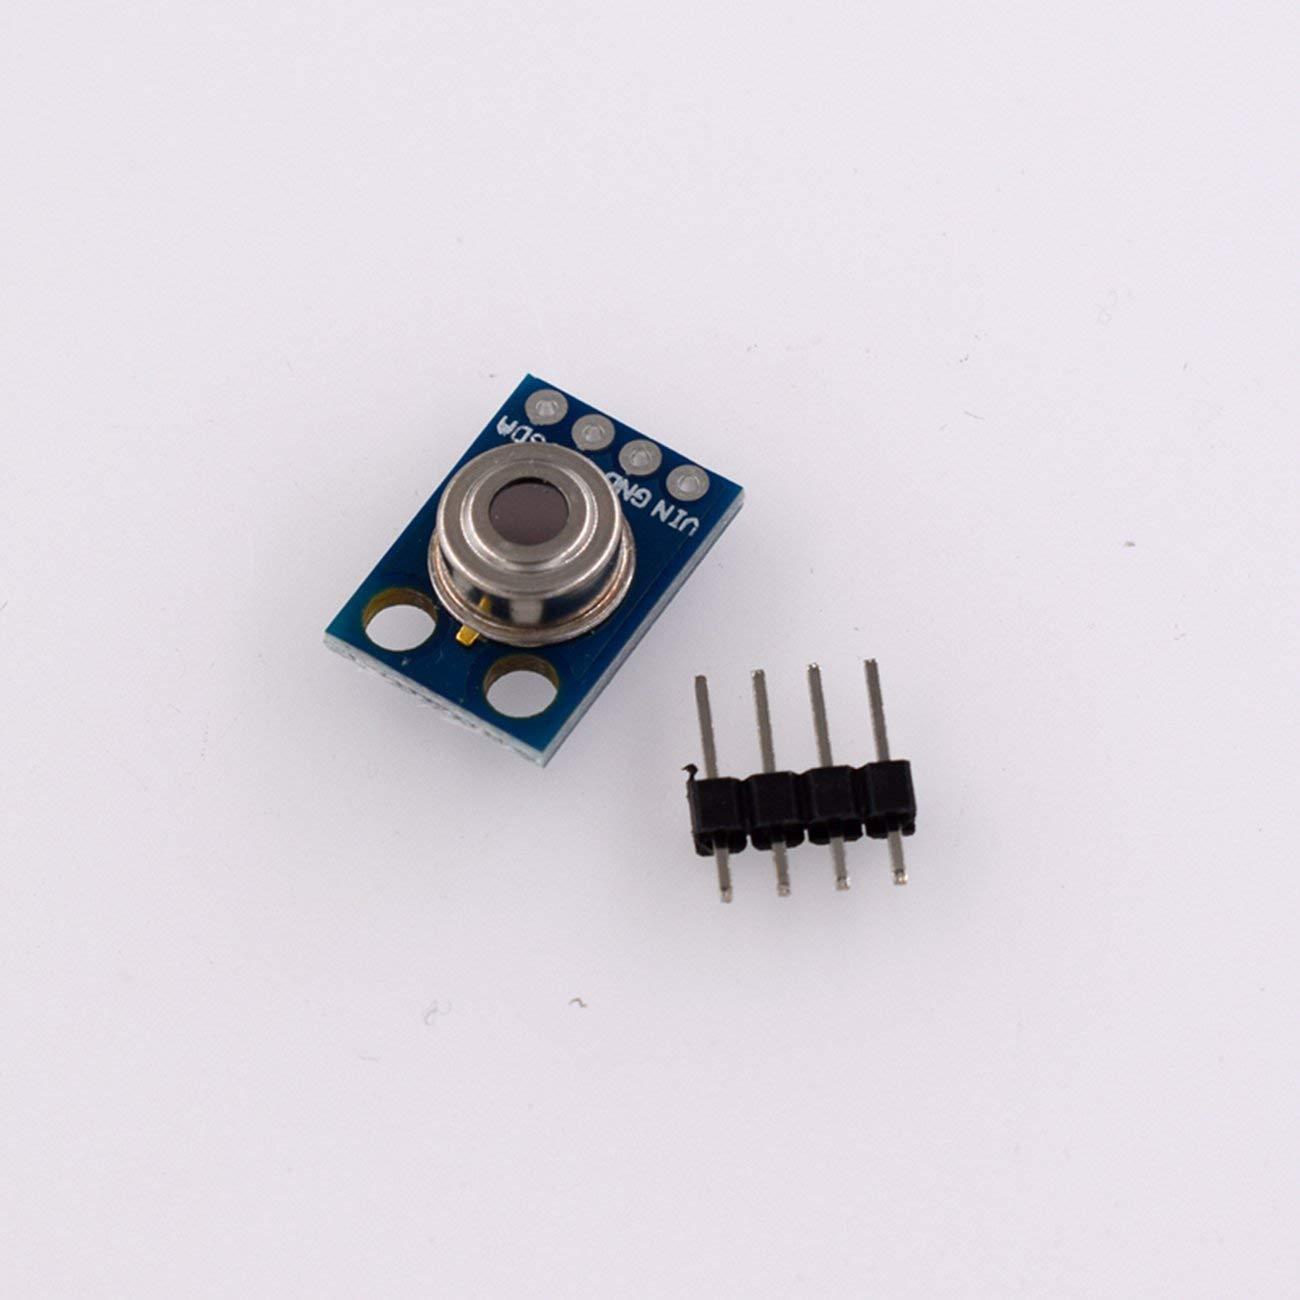 HW-691 GY-906 MLX90614ESF Modulo sensore di temperatura a infrarossi senza contatto Modulo multifunzione Scheda IIC I2C seriale per Arduino Blu